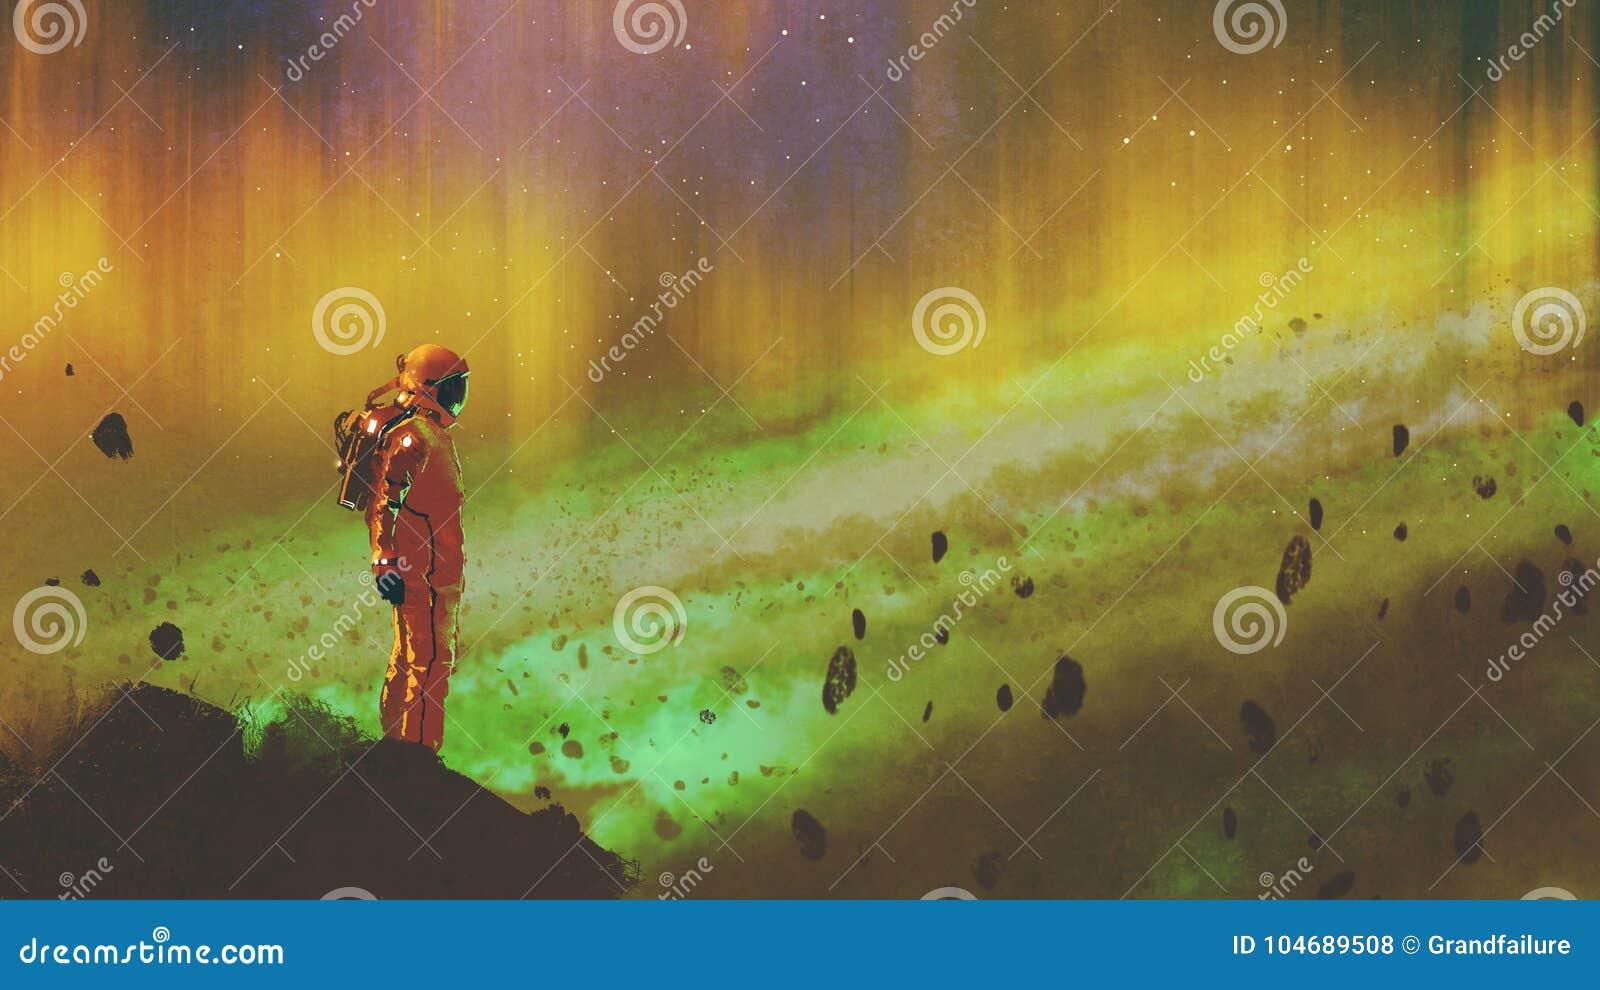 Astronaut im sternenklaren Weltraum